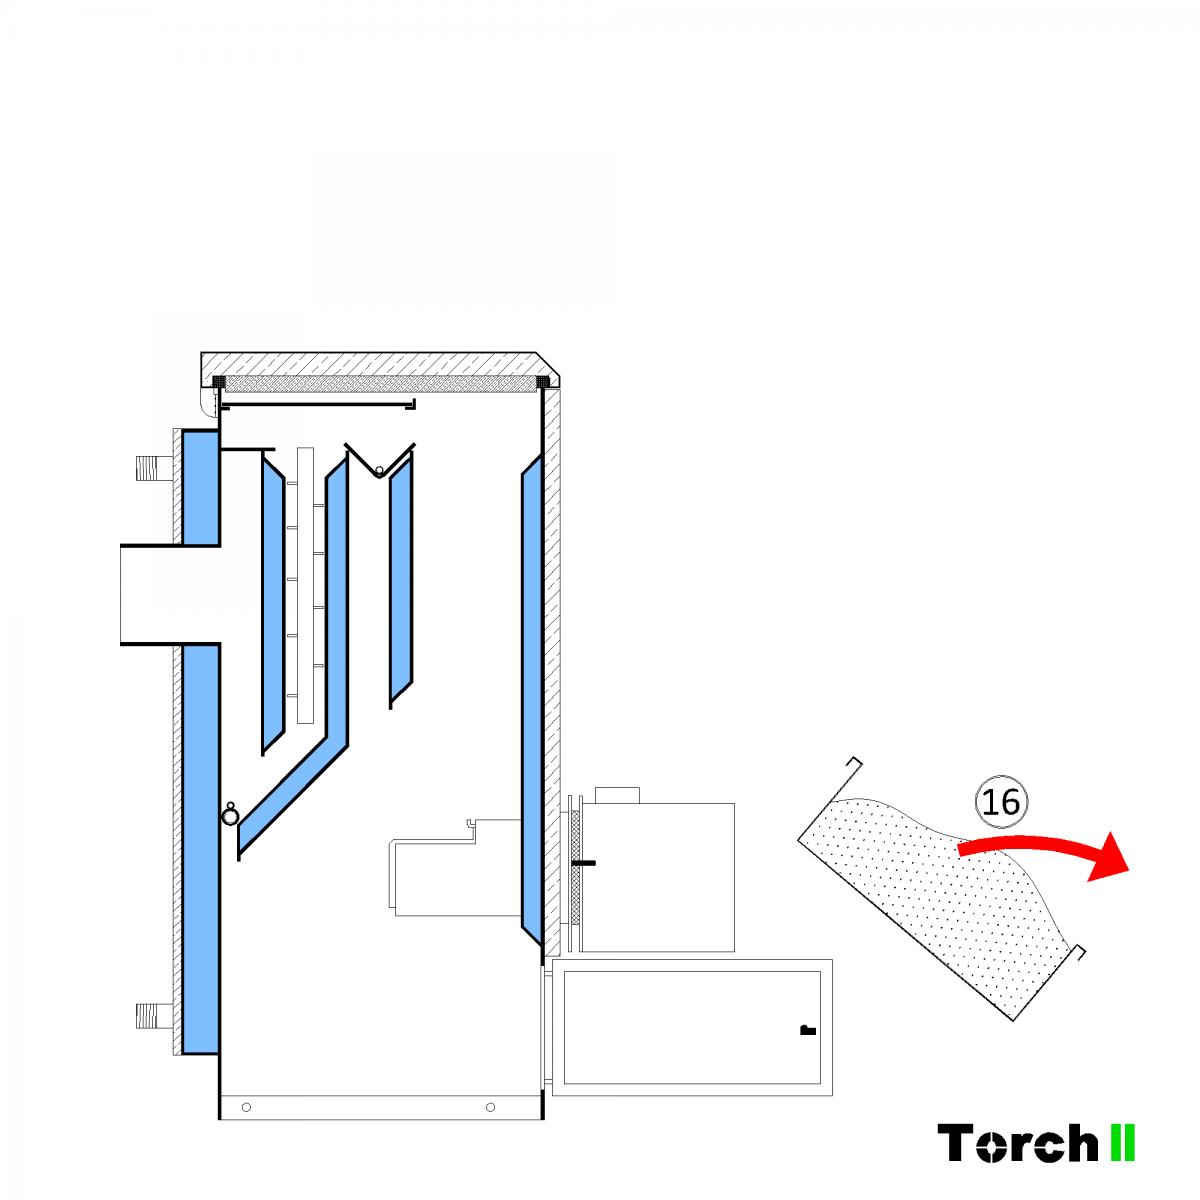 Почистване на пелетен котел Torch II - стъпка 13